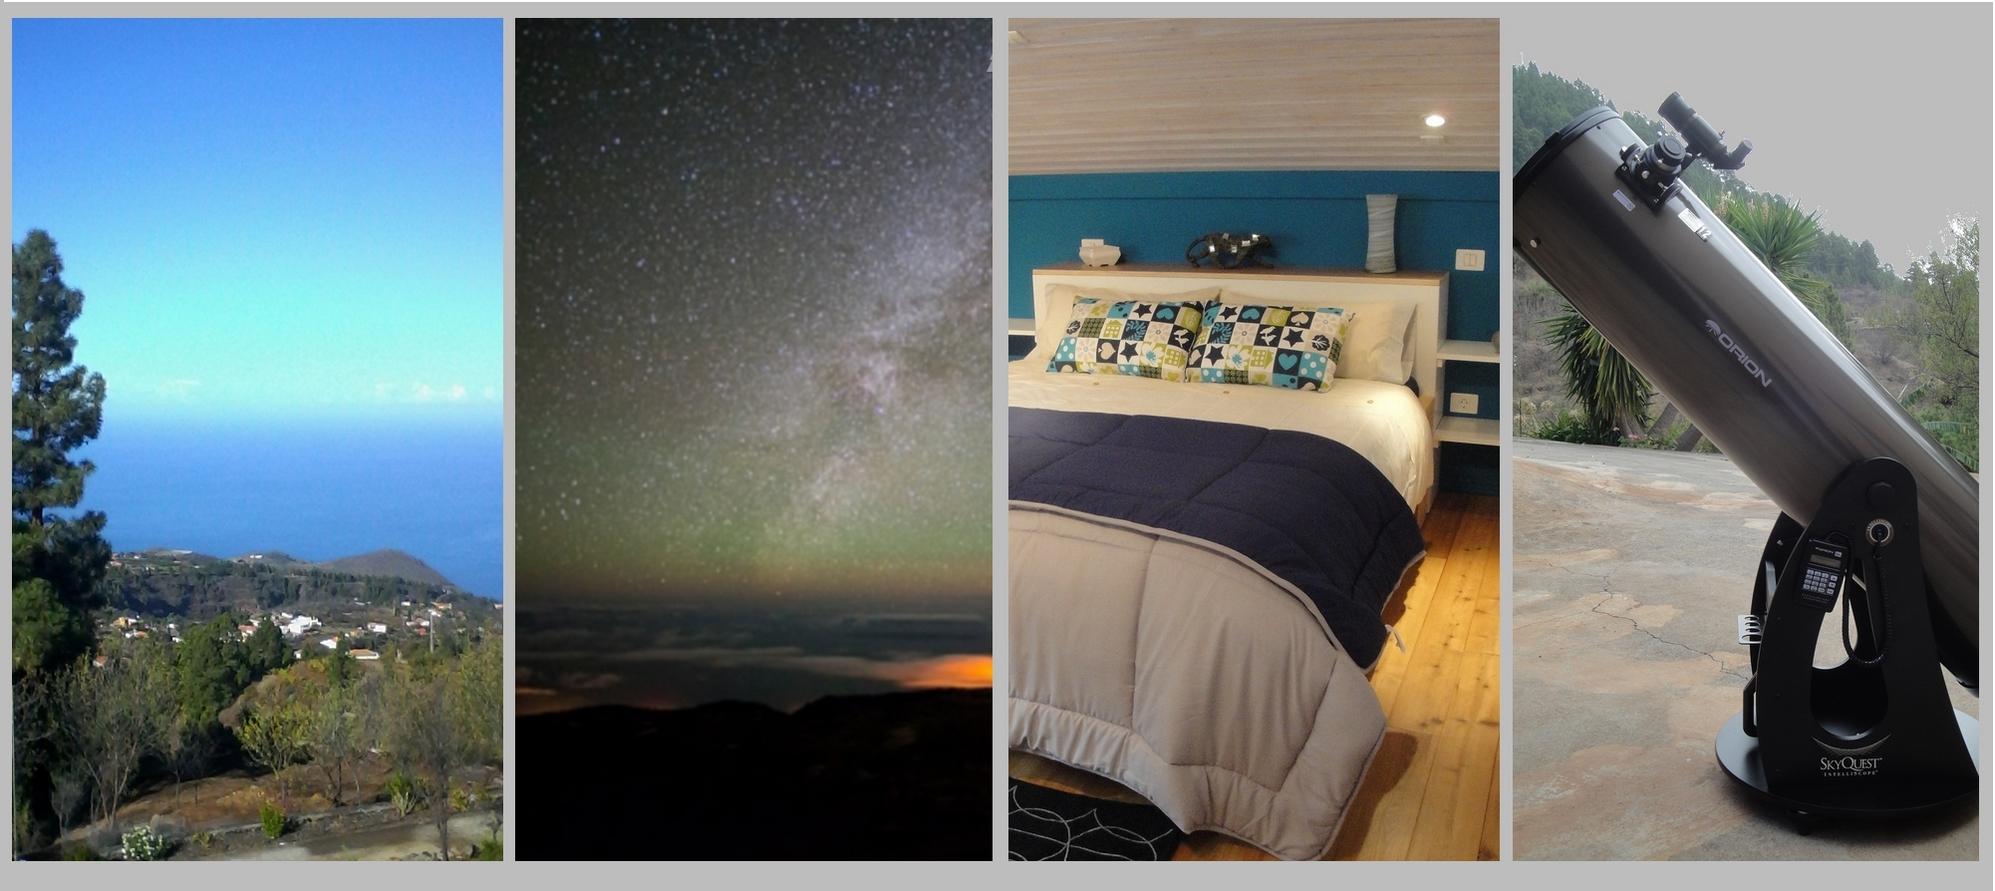 Réservez votre hébergement et votre matériel d'observation astronomique